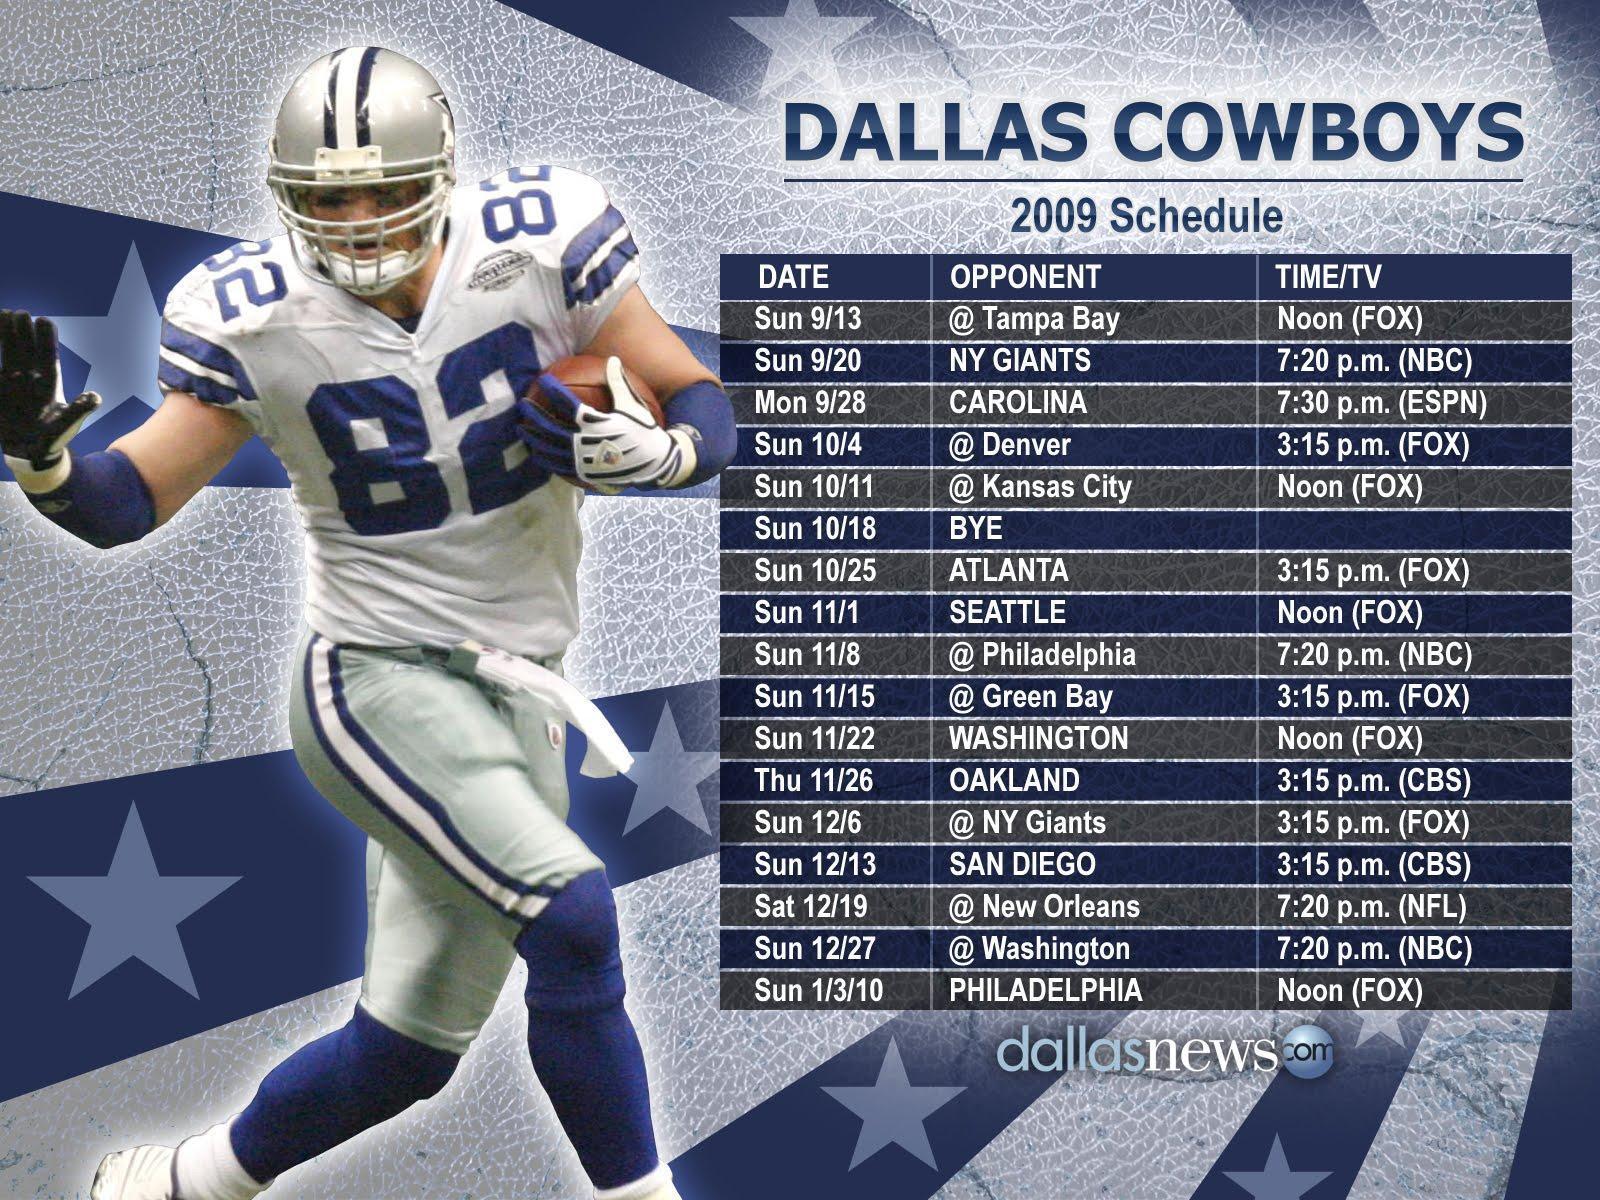 Dallas cowboys backgrounds for desktop wallpaper cave free dallas cowboys background image dallas cowboys wallpapers voltagebd Choice Image